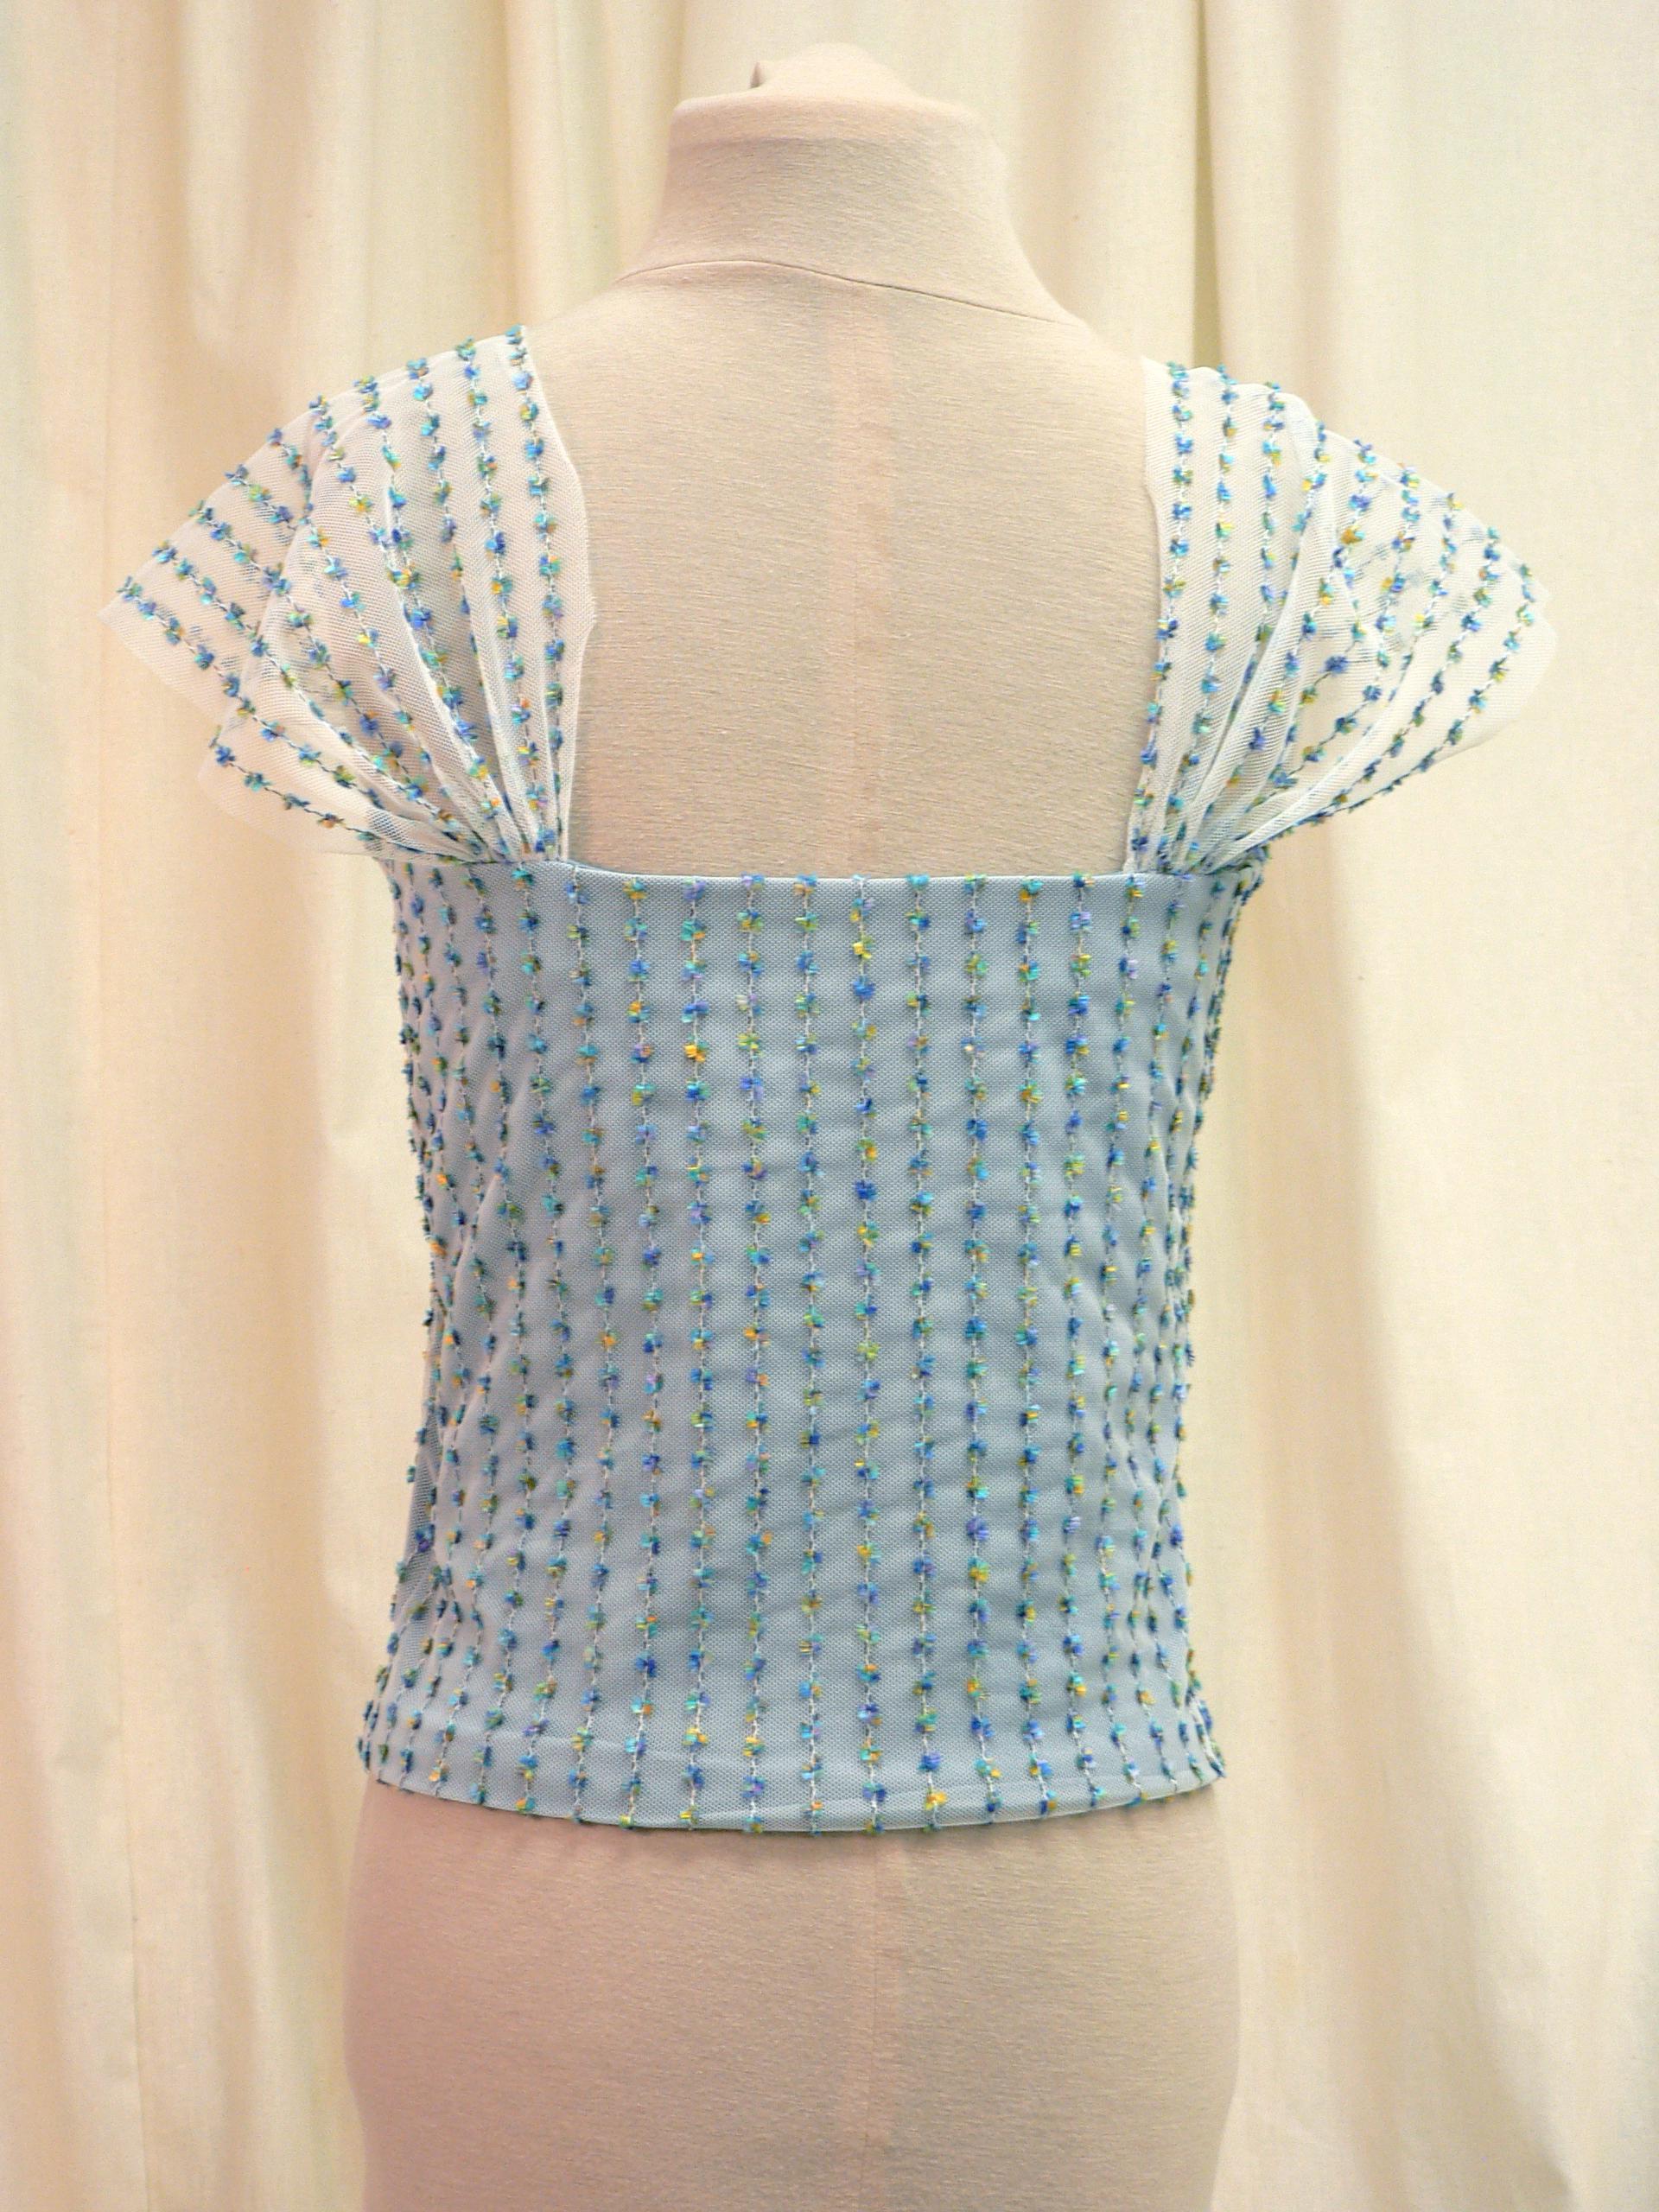 blouse11_back1.jpg